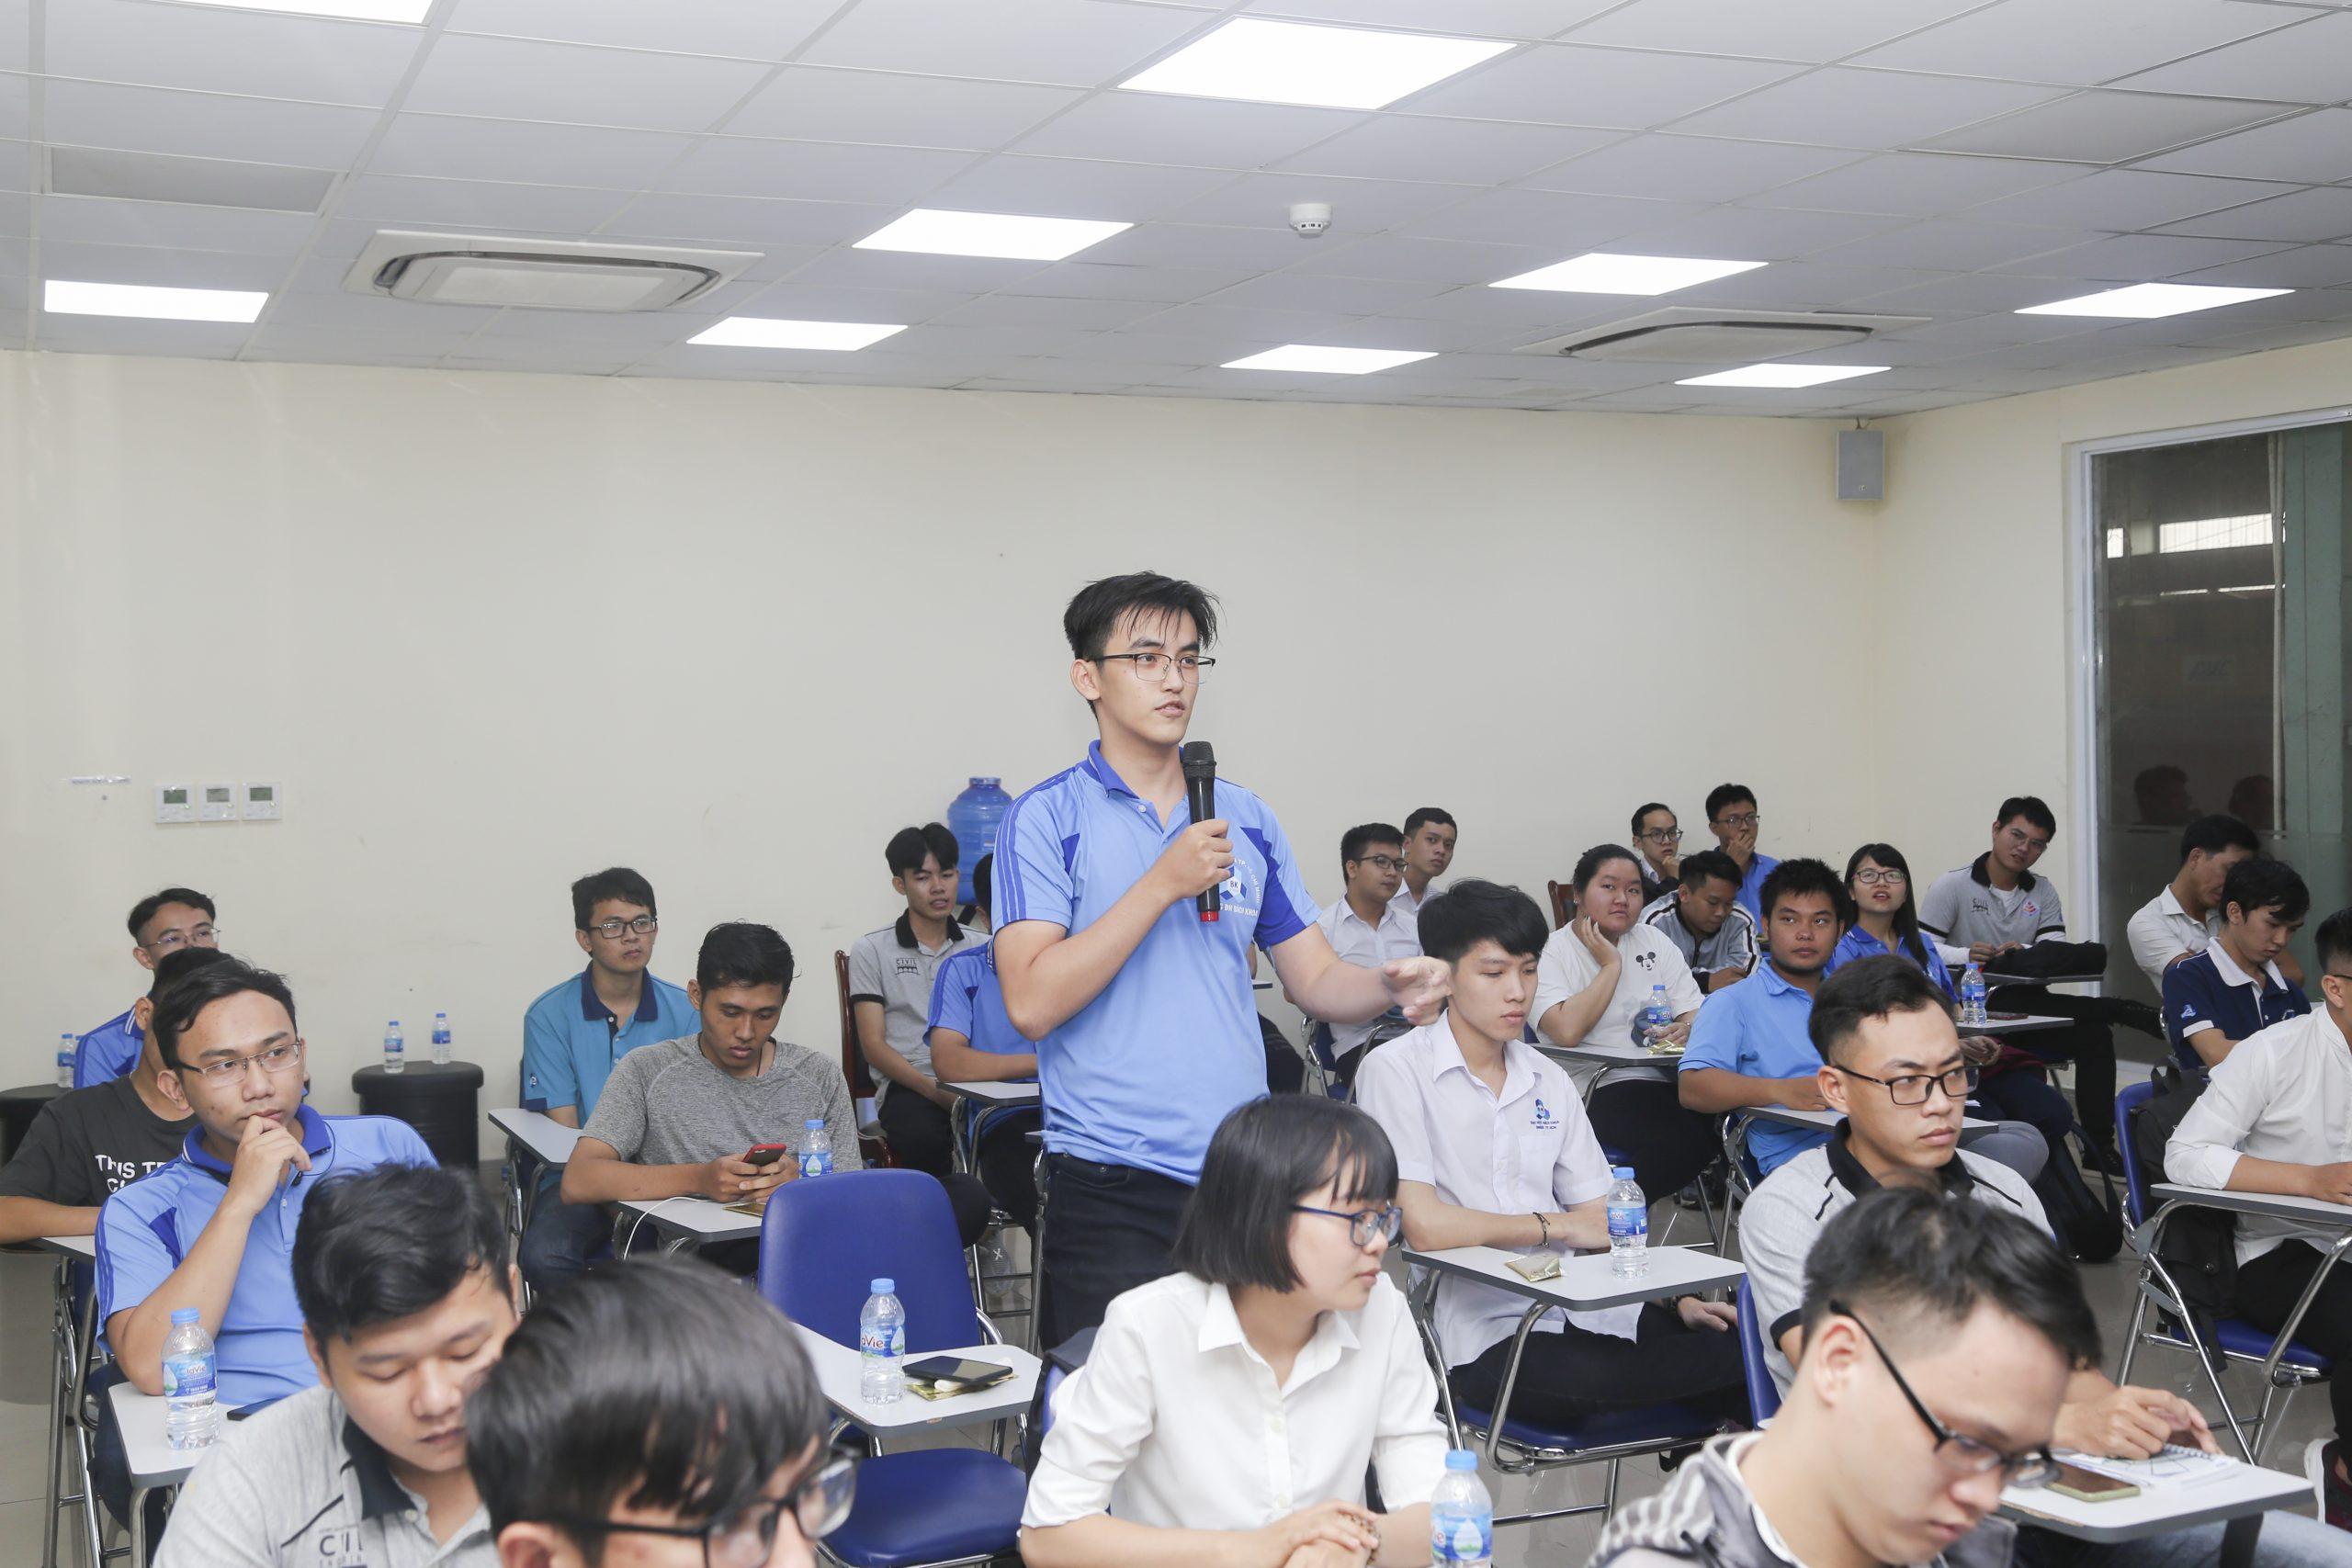 Đoàn sinh viên Đại học Bách Khoa TP. HCM tham quan trải nghiệm thực tế tại nhà máy ATAD Đồng Nai 2